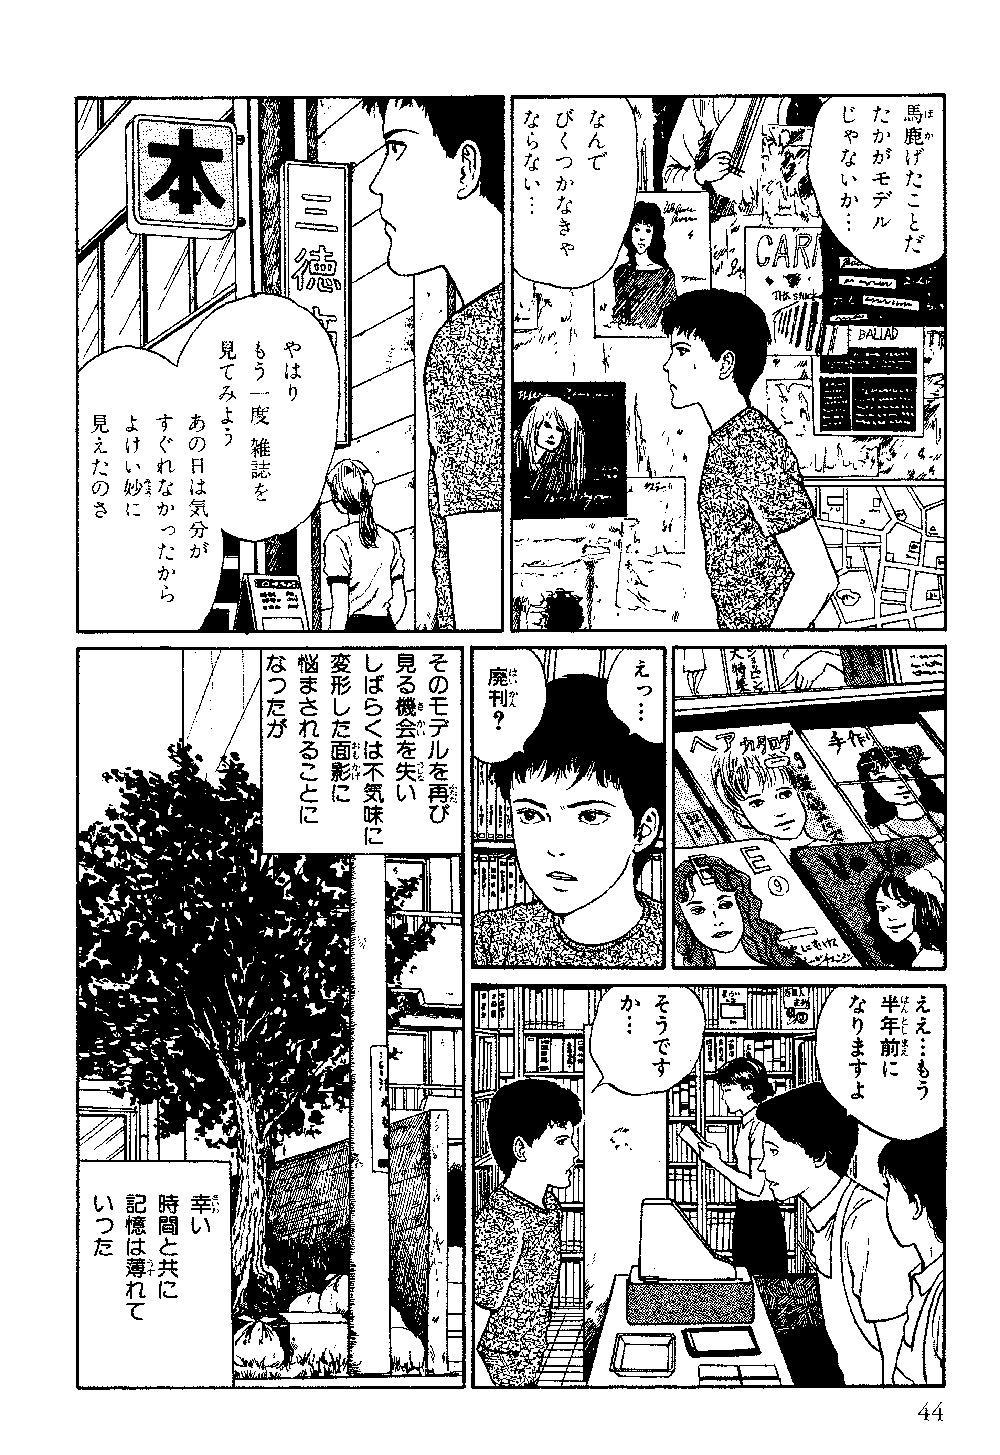 itouj_0006_0046.jpg